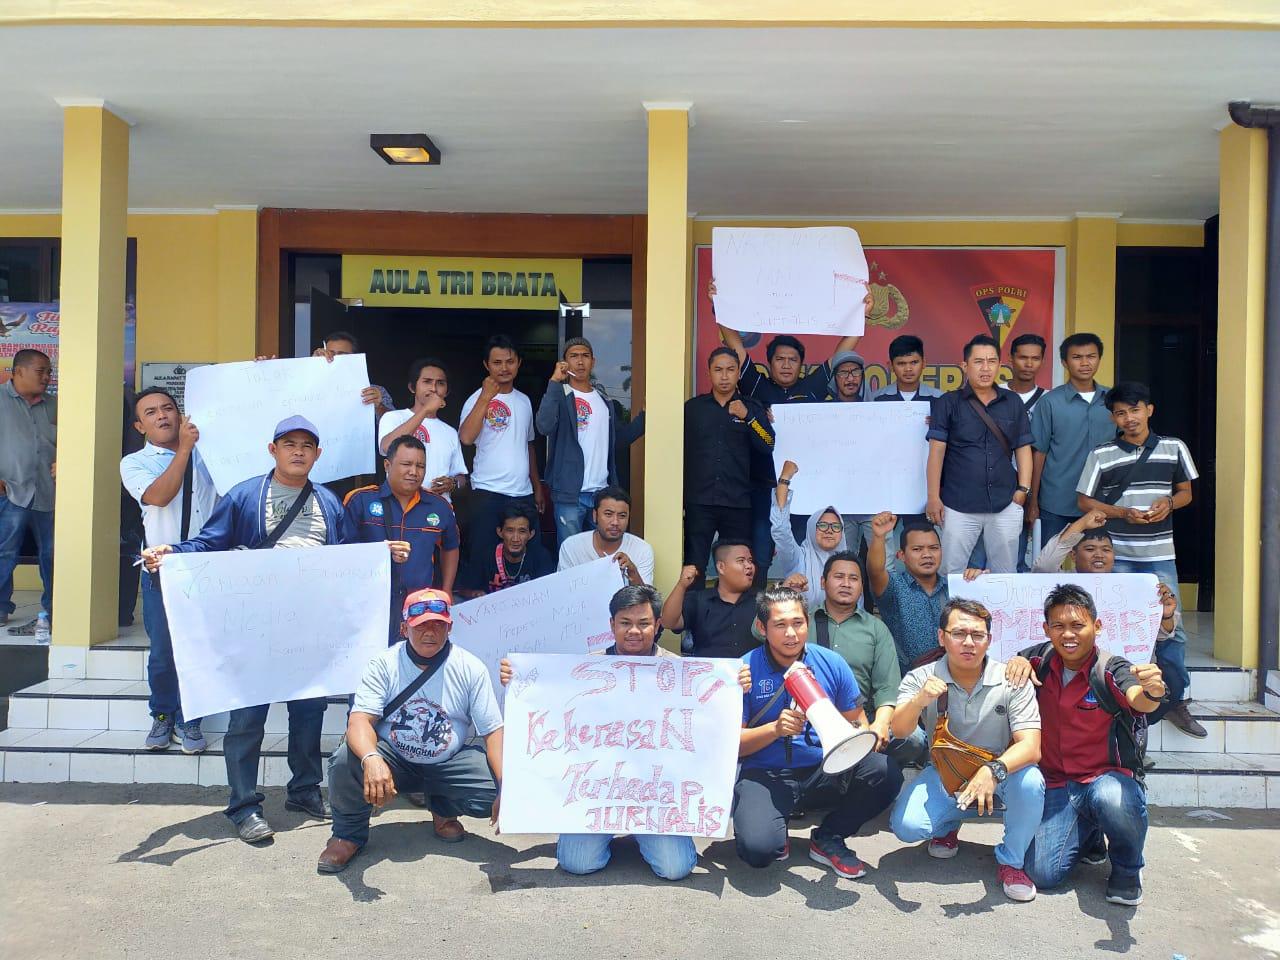 Bentuk Solidaritas Terhadap Insan Pers, Jurnalis Belitung Adakan Aksi Damai